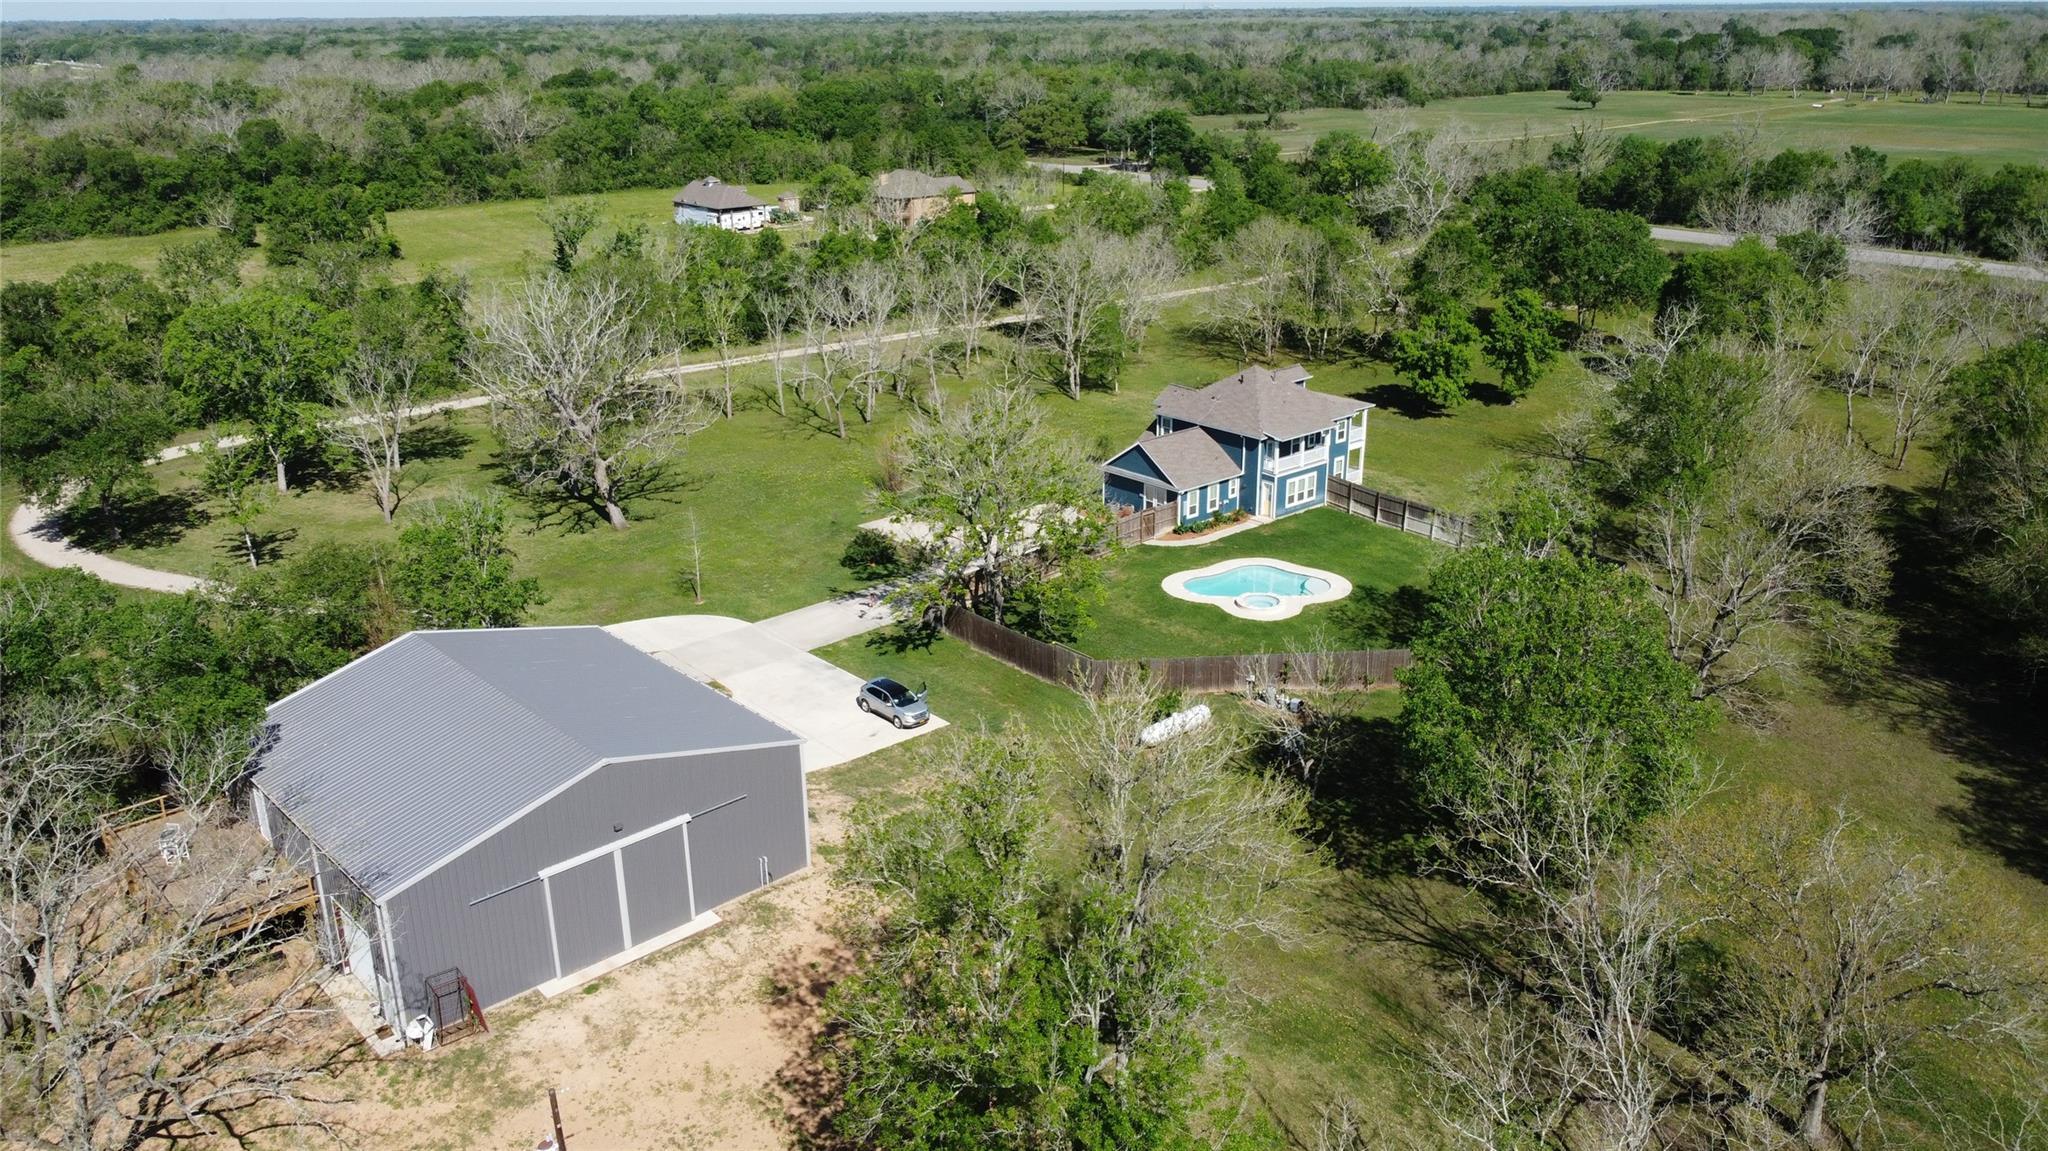 1519 W Fm 1462 Property Photo